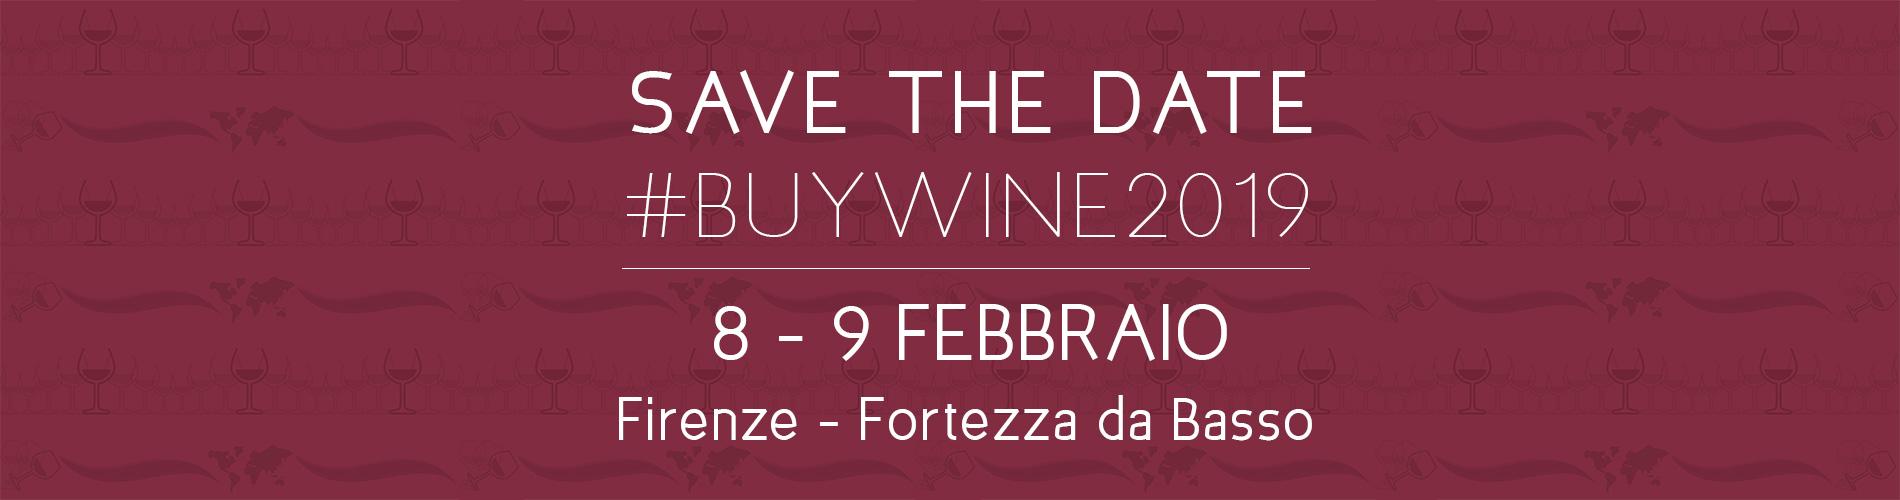 Calendario Fiere Toscana 2020.Buywine Firenze